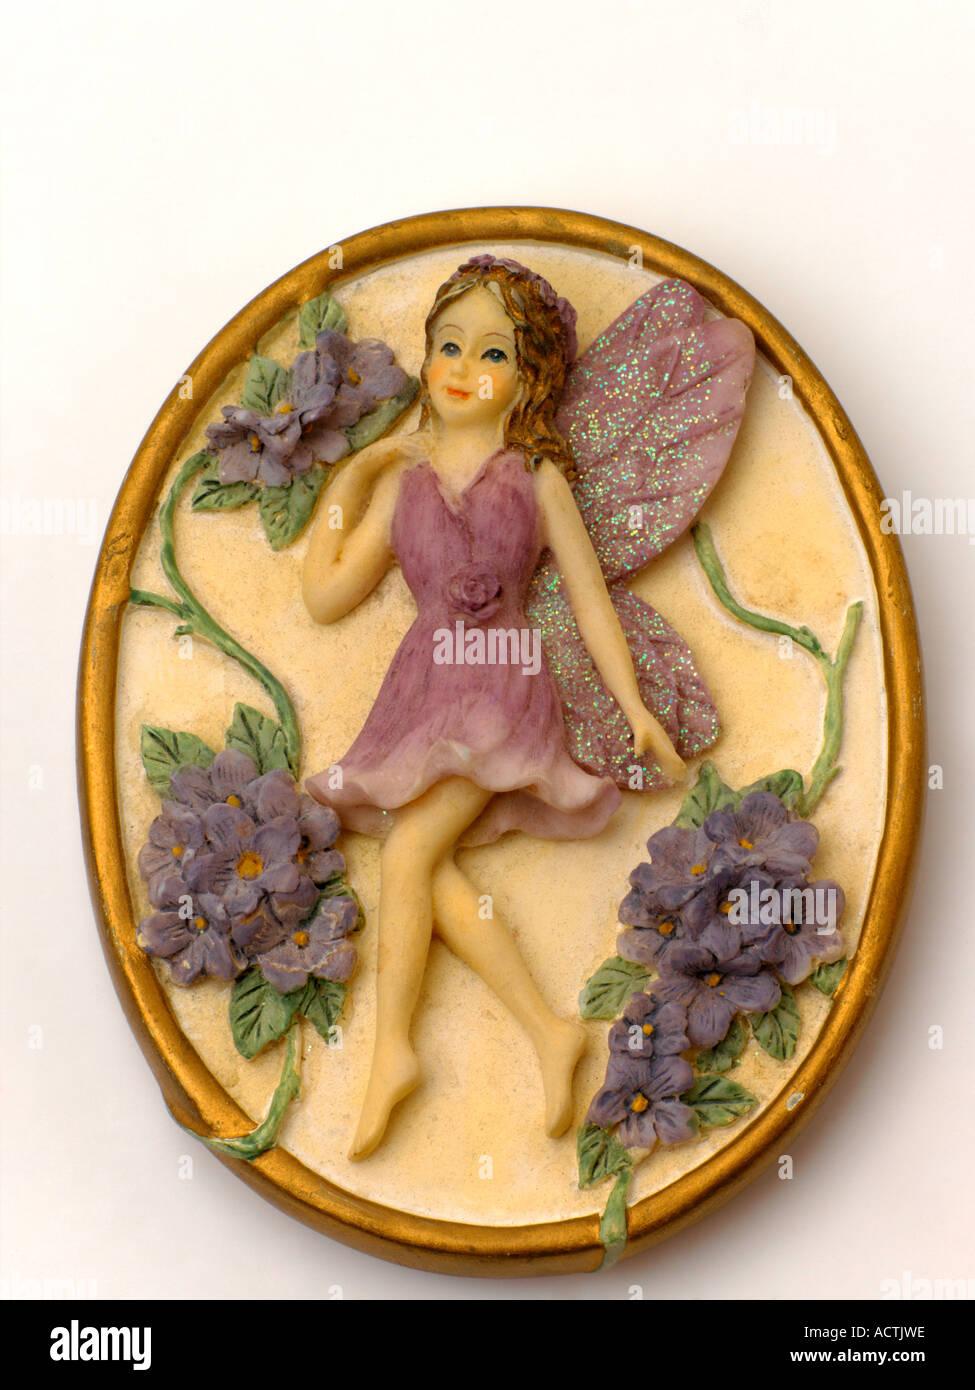 Cast in ceramica di un fiore fata Immagini Stock